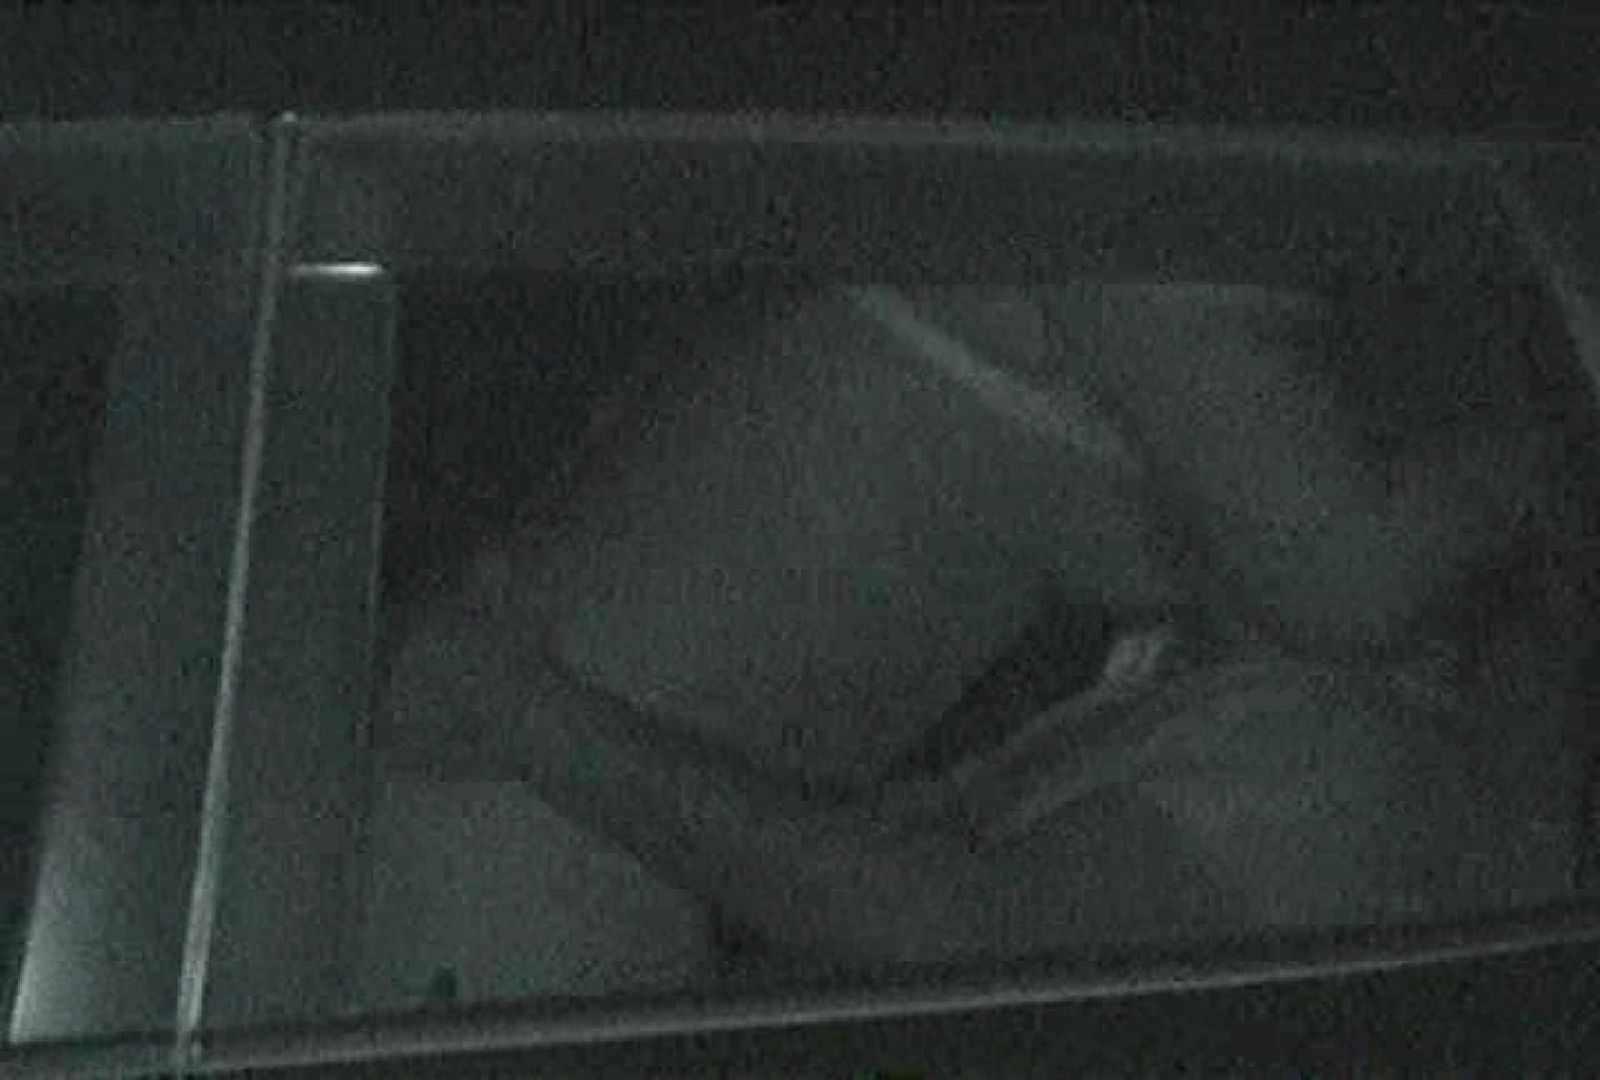 充血監督の深夜の運動会Vol.101 OLセックス 盗撮AV動画キャプチャ 81画像 47